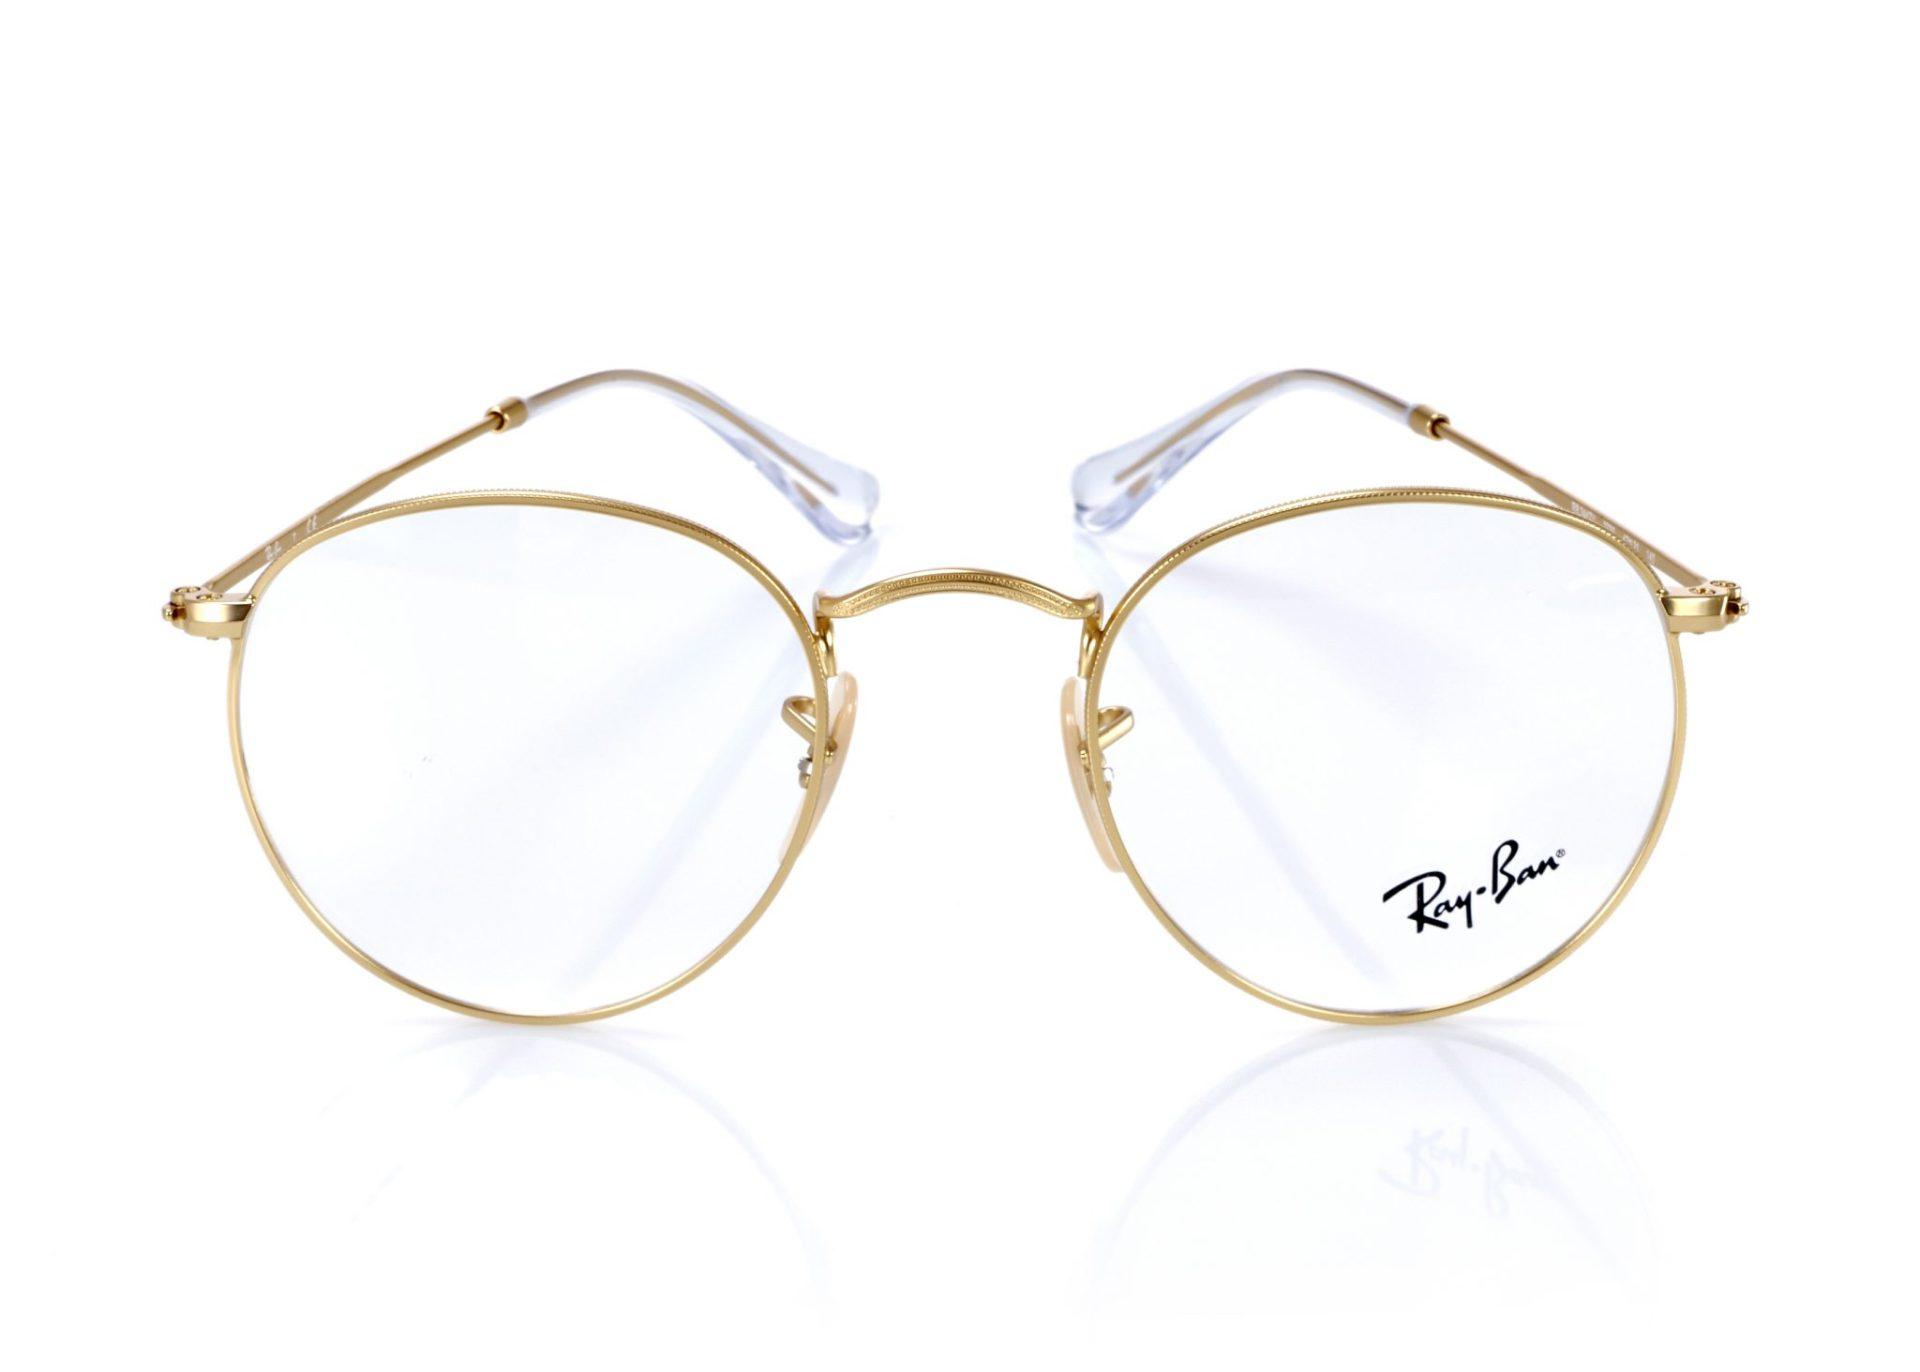 Das sind die neuen Brillentrends: Größere Gläser, auffällige Stege 2